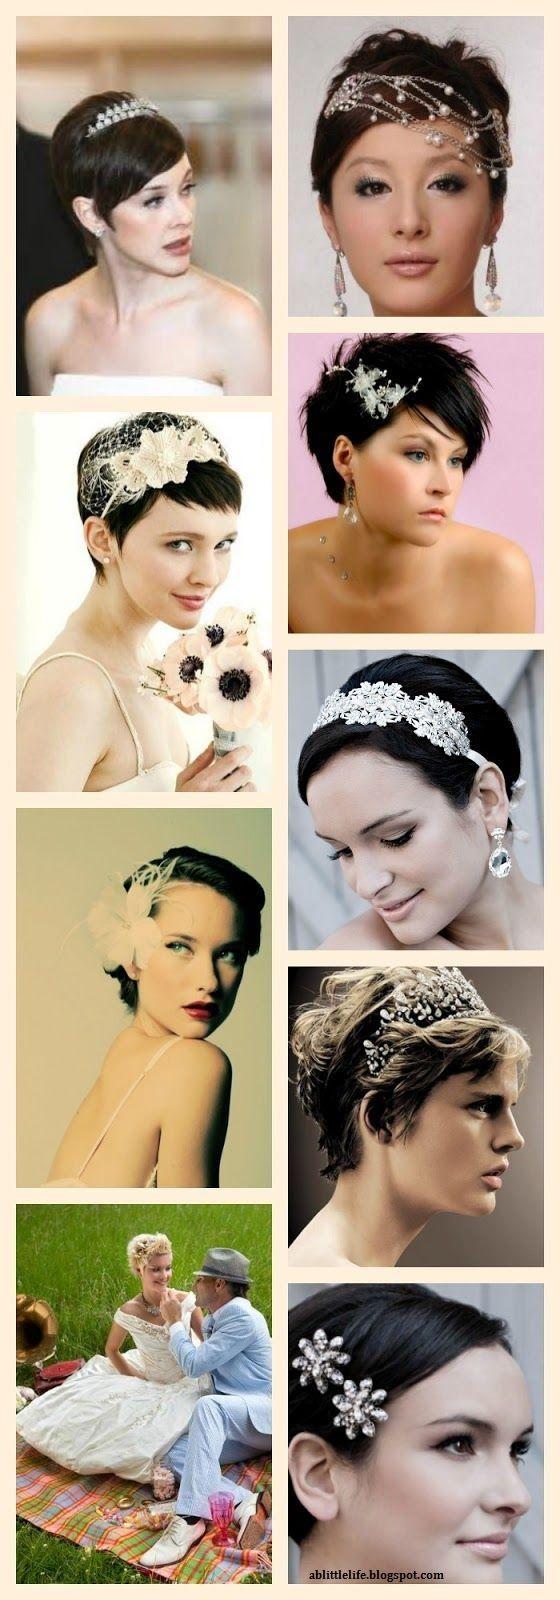 Vous avez les cheveux courts et vous vous mariez cet été ? Vous vous inquiétez quel coiffure pourriez vous adopter pour votre mariage? Ne cherchez pas loin notre site coiffure simple vous offre une collection de plus de 20 coiffures magnifiques élégantes, modernes,et romantiques Inspirées de P…